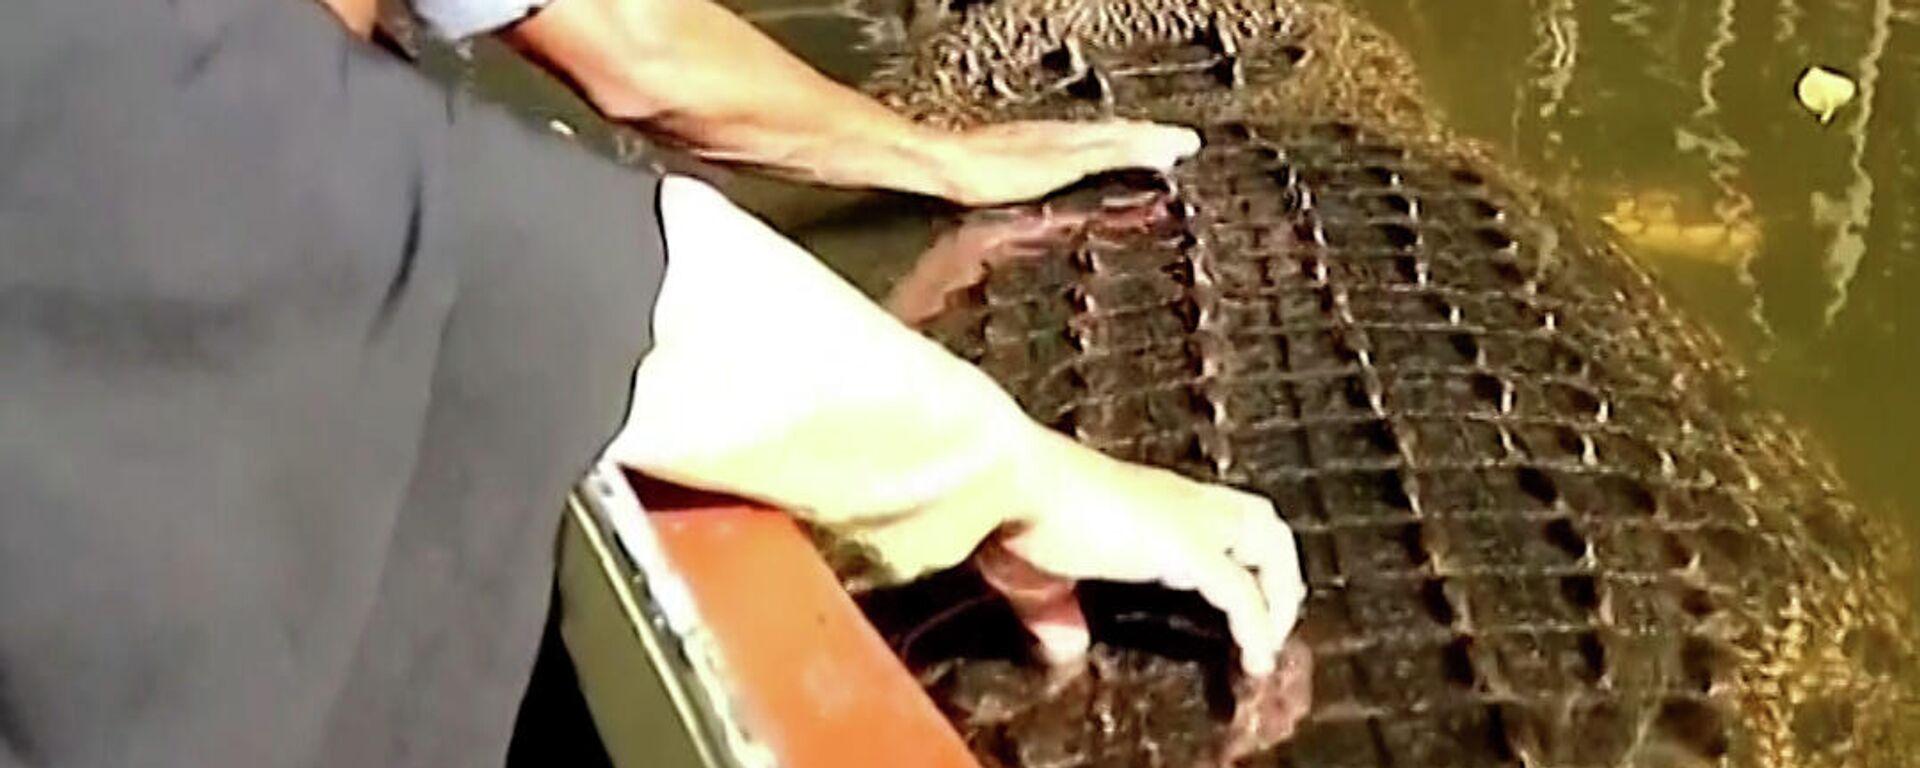 Επικίνδυνα παιχνίδια: Φιλικός κροκόδειλος αφήνει να τον χαϊδέψουν και να τον ταΐσουν - Sputnik Ελλάδα, 1920, 03.09.2021